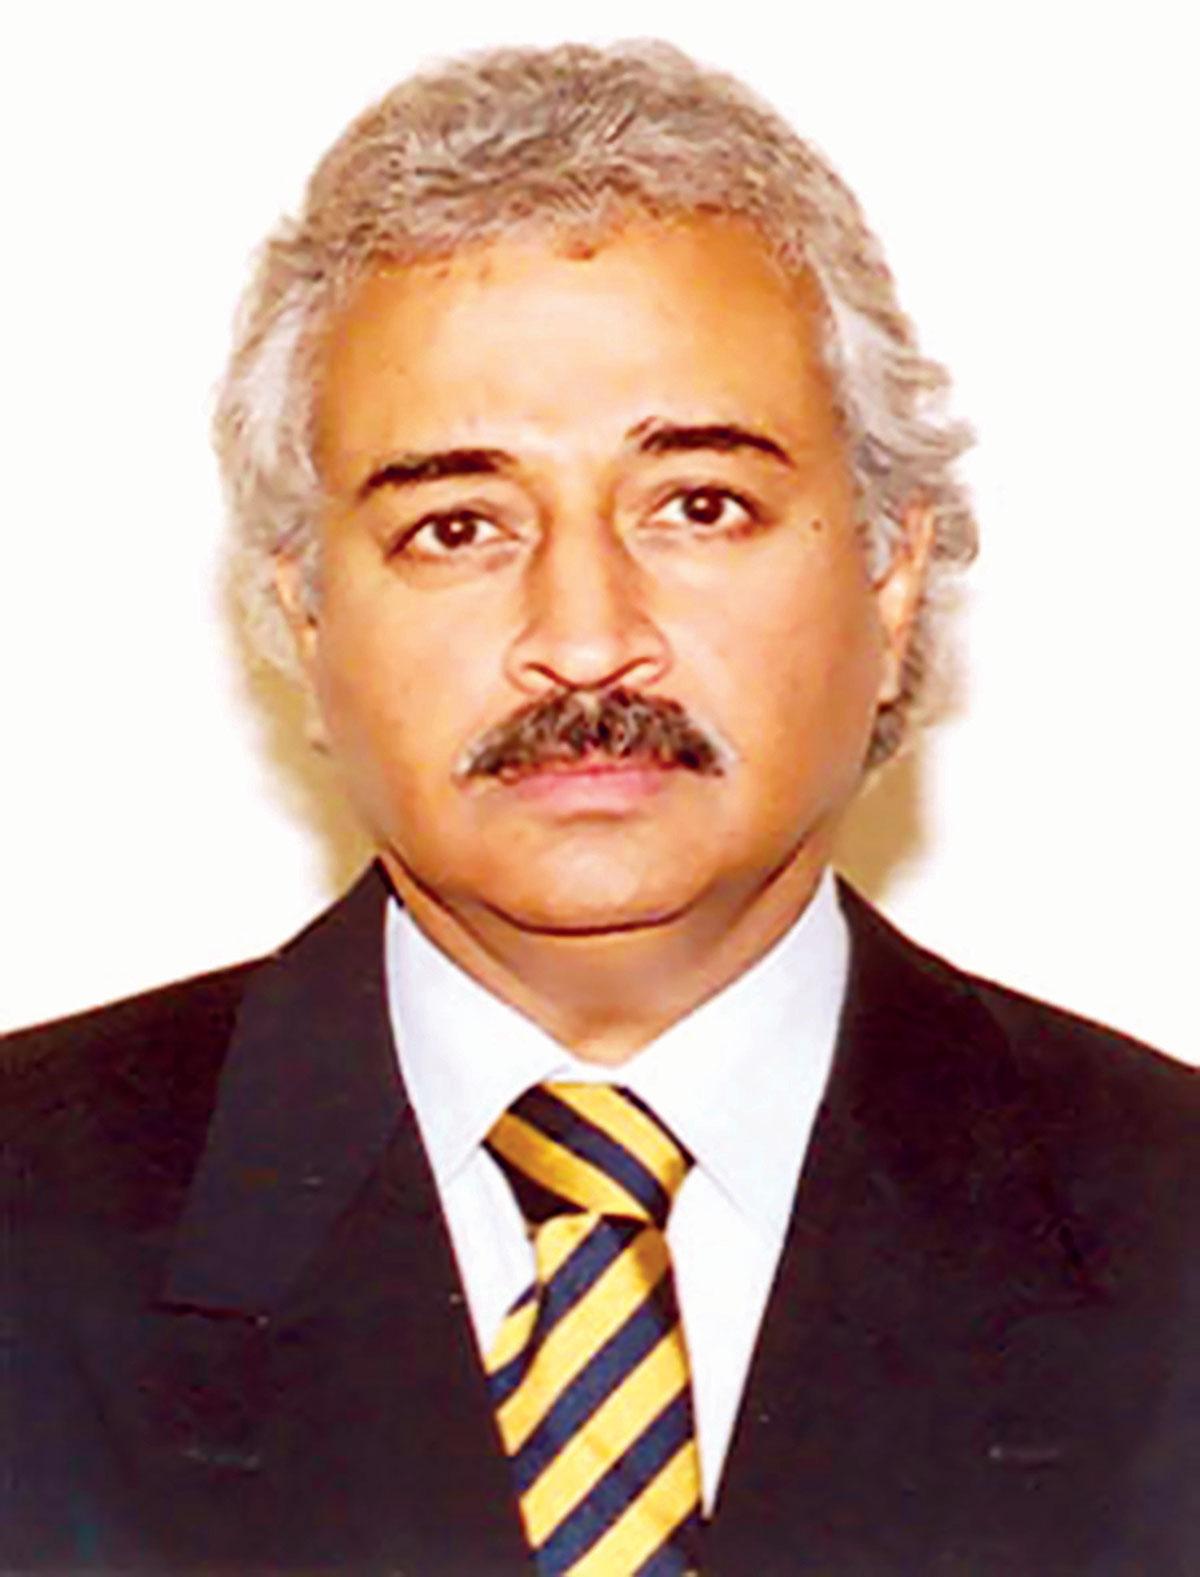 Mayur Muljibhai Madhvani